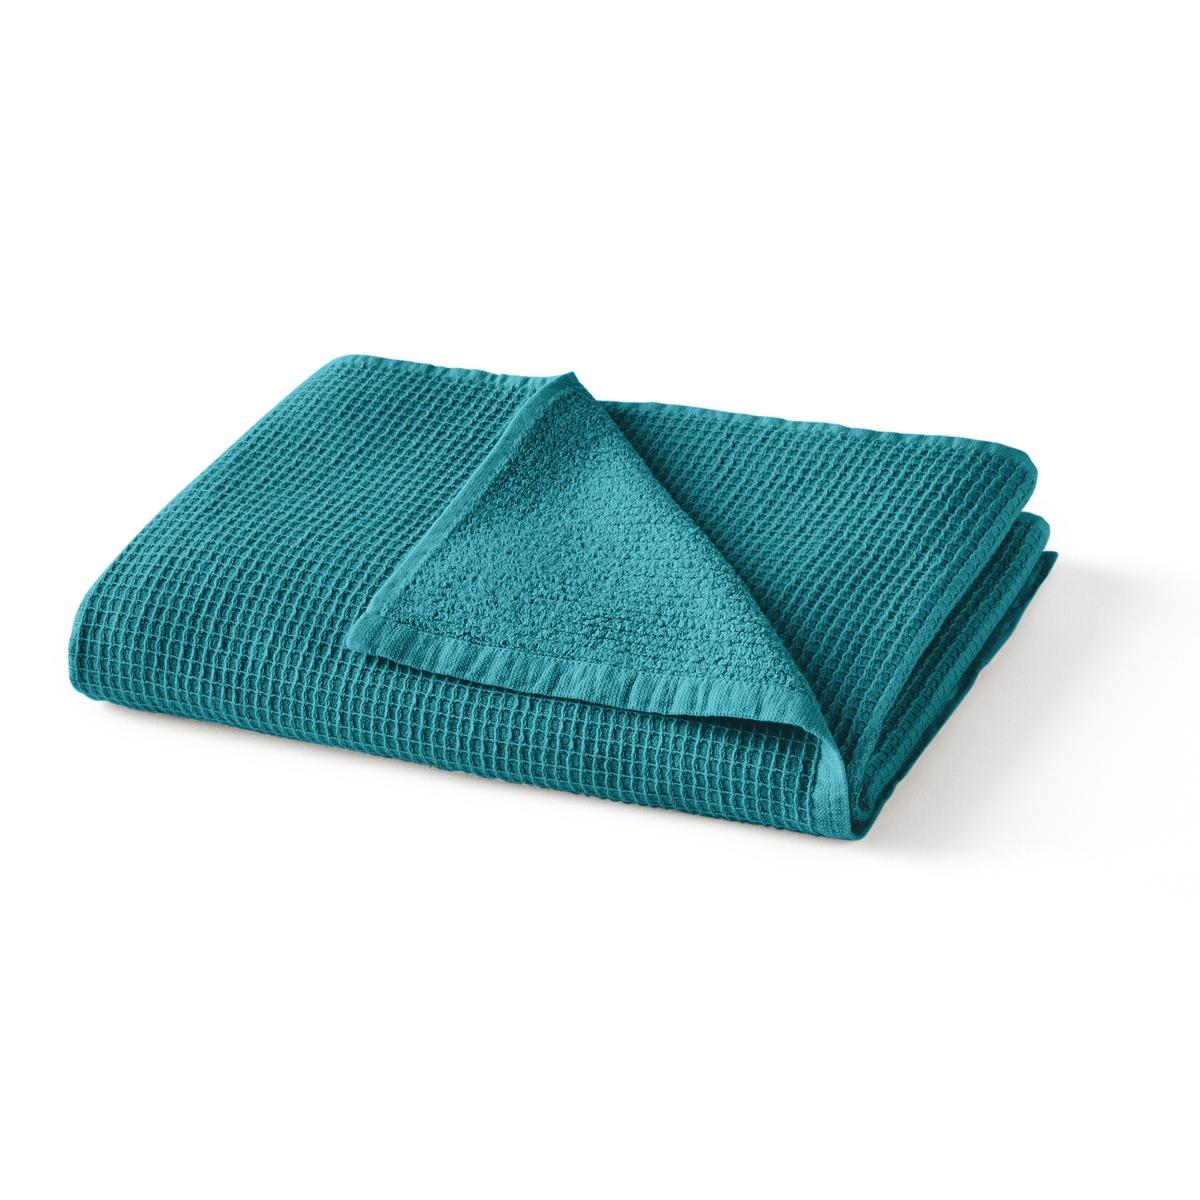 Полотенце La Redoute Махровое из вафельной ткани Timeo 50 x 100 см синий комплект из полотенце для la redoute рук из хлопка и льна nipaly 50 x 100 см белый